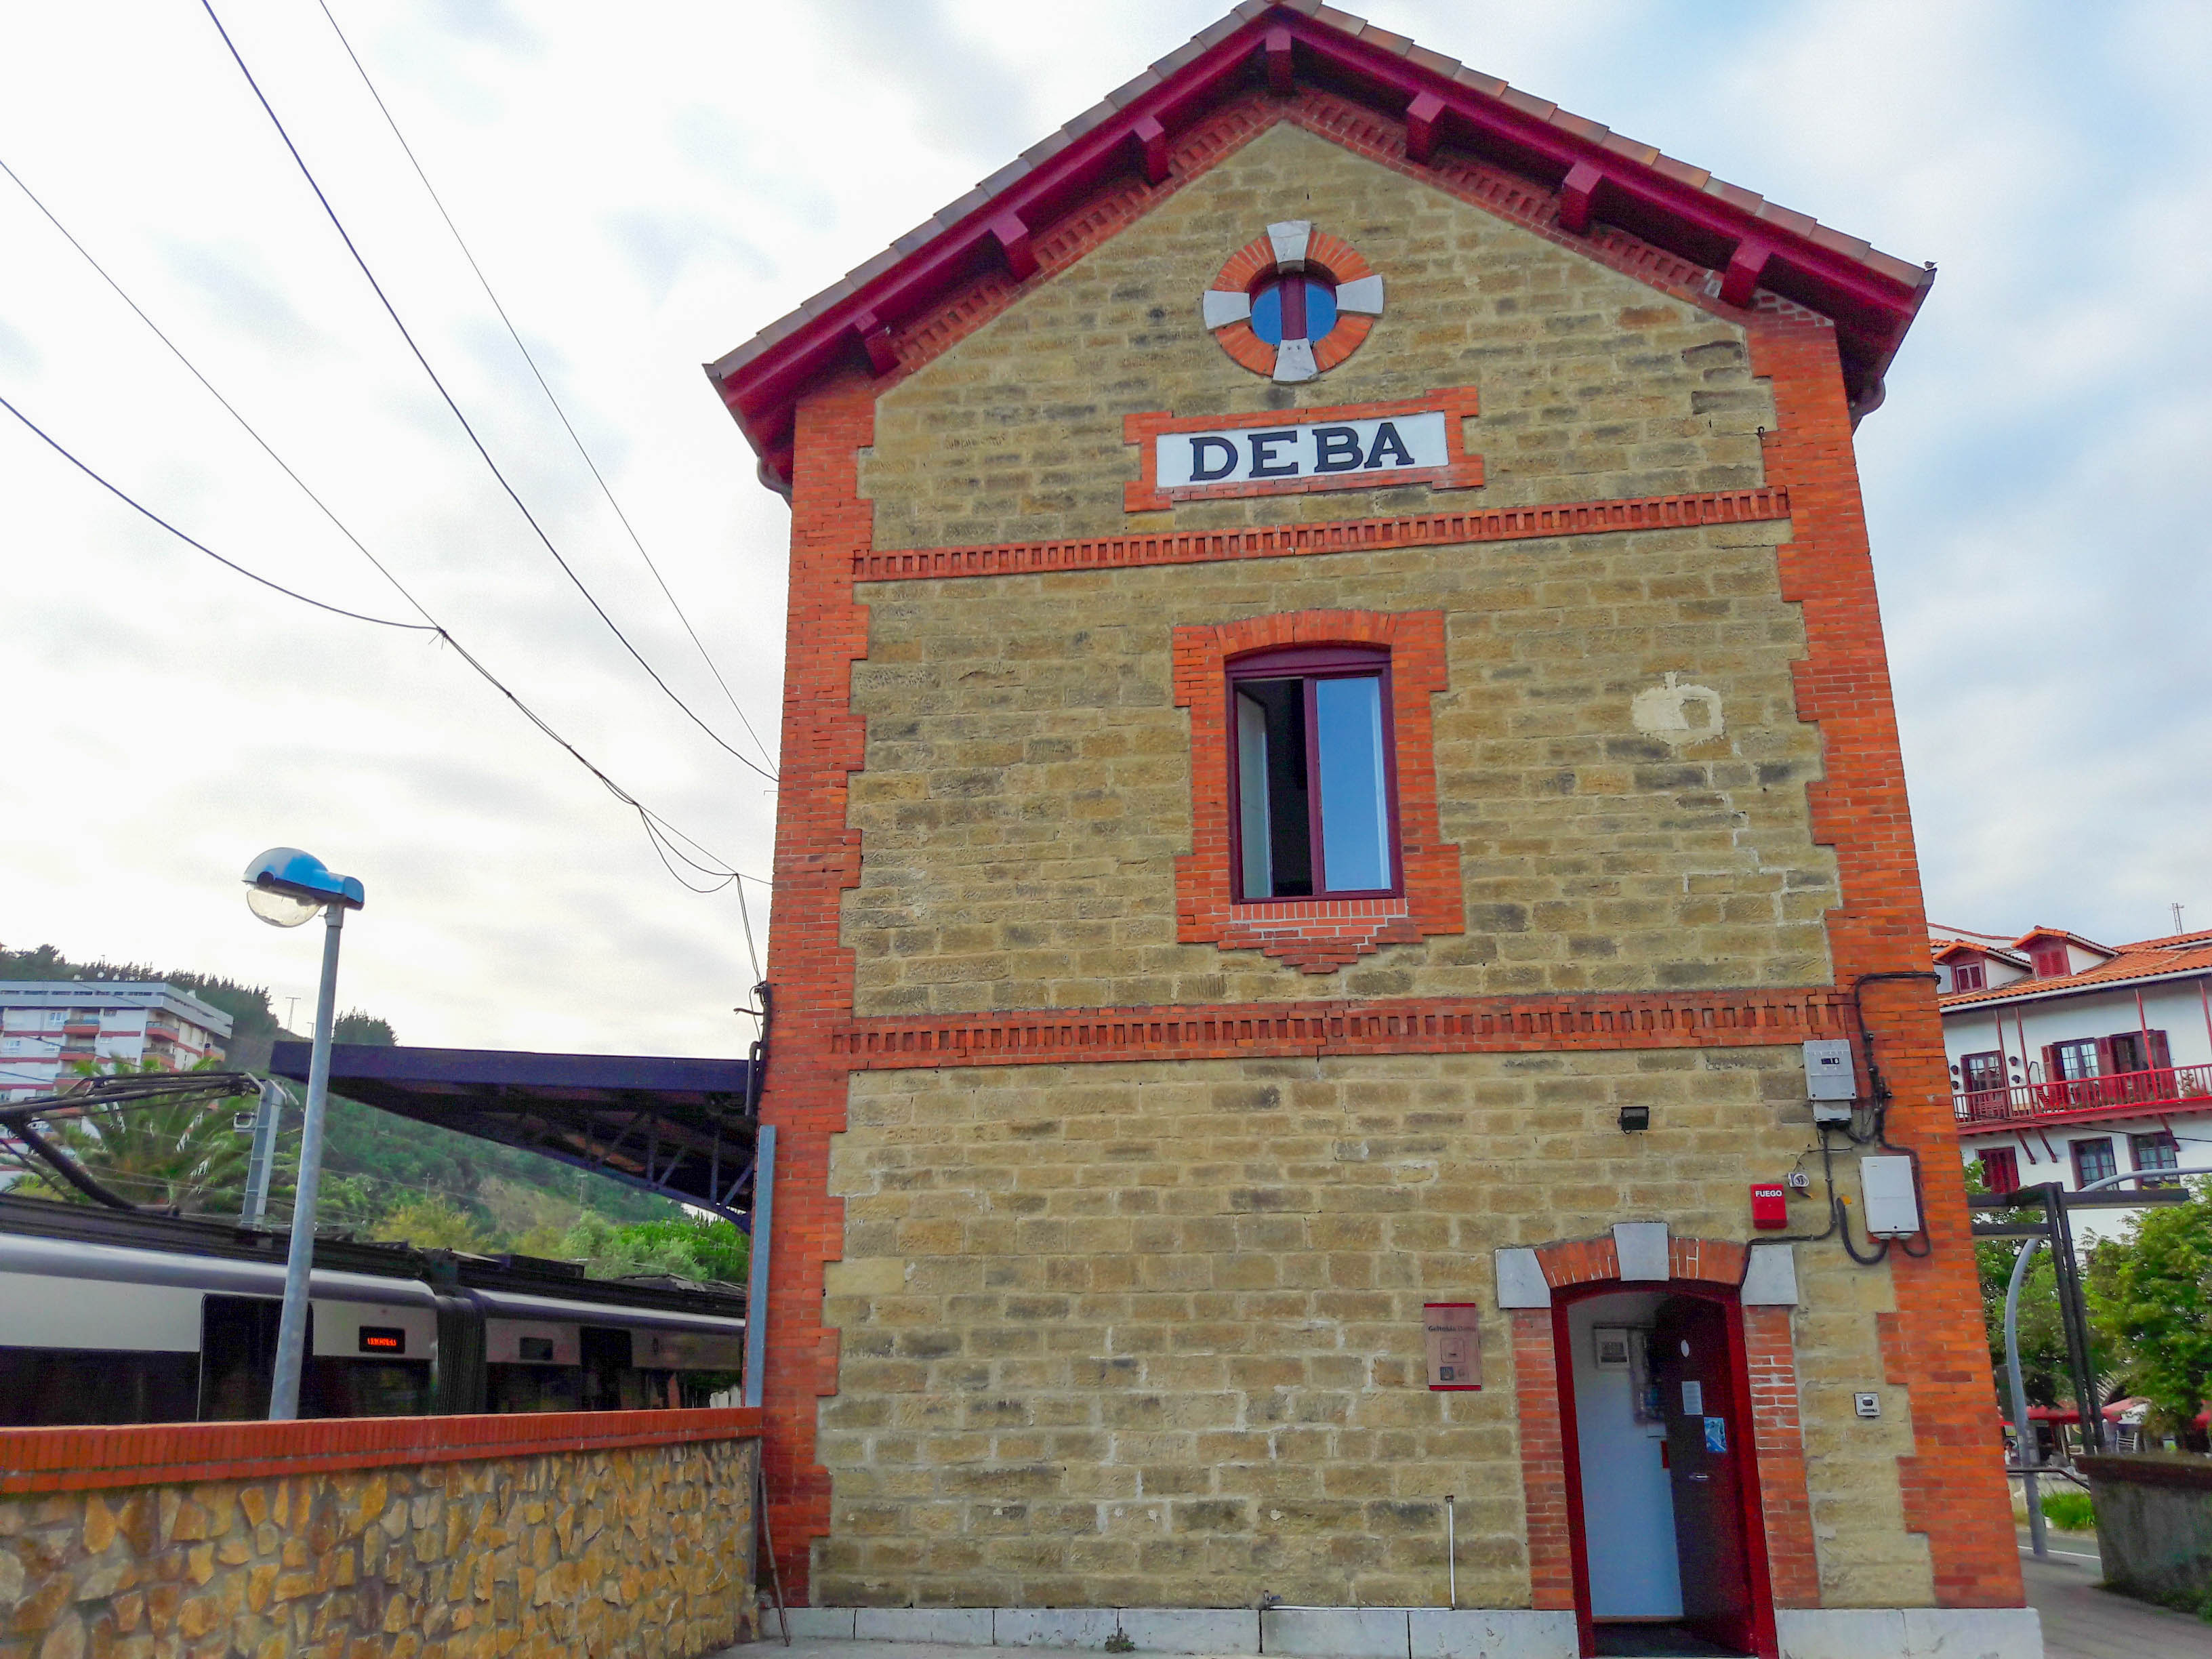 Albergue de Peregrinos, Deba (the old station)